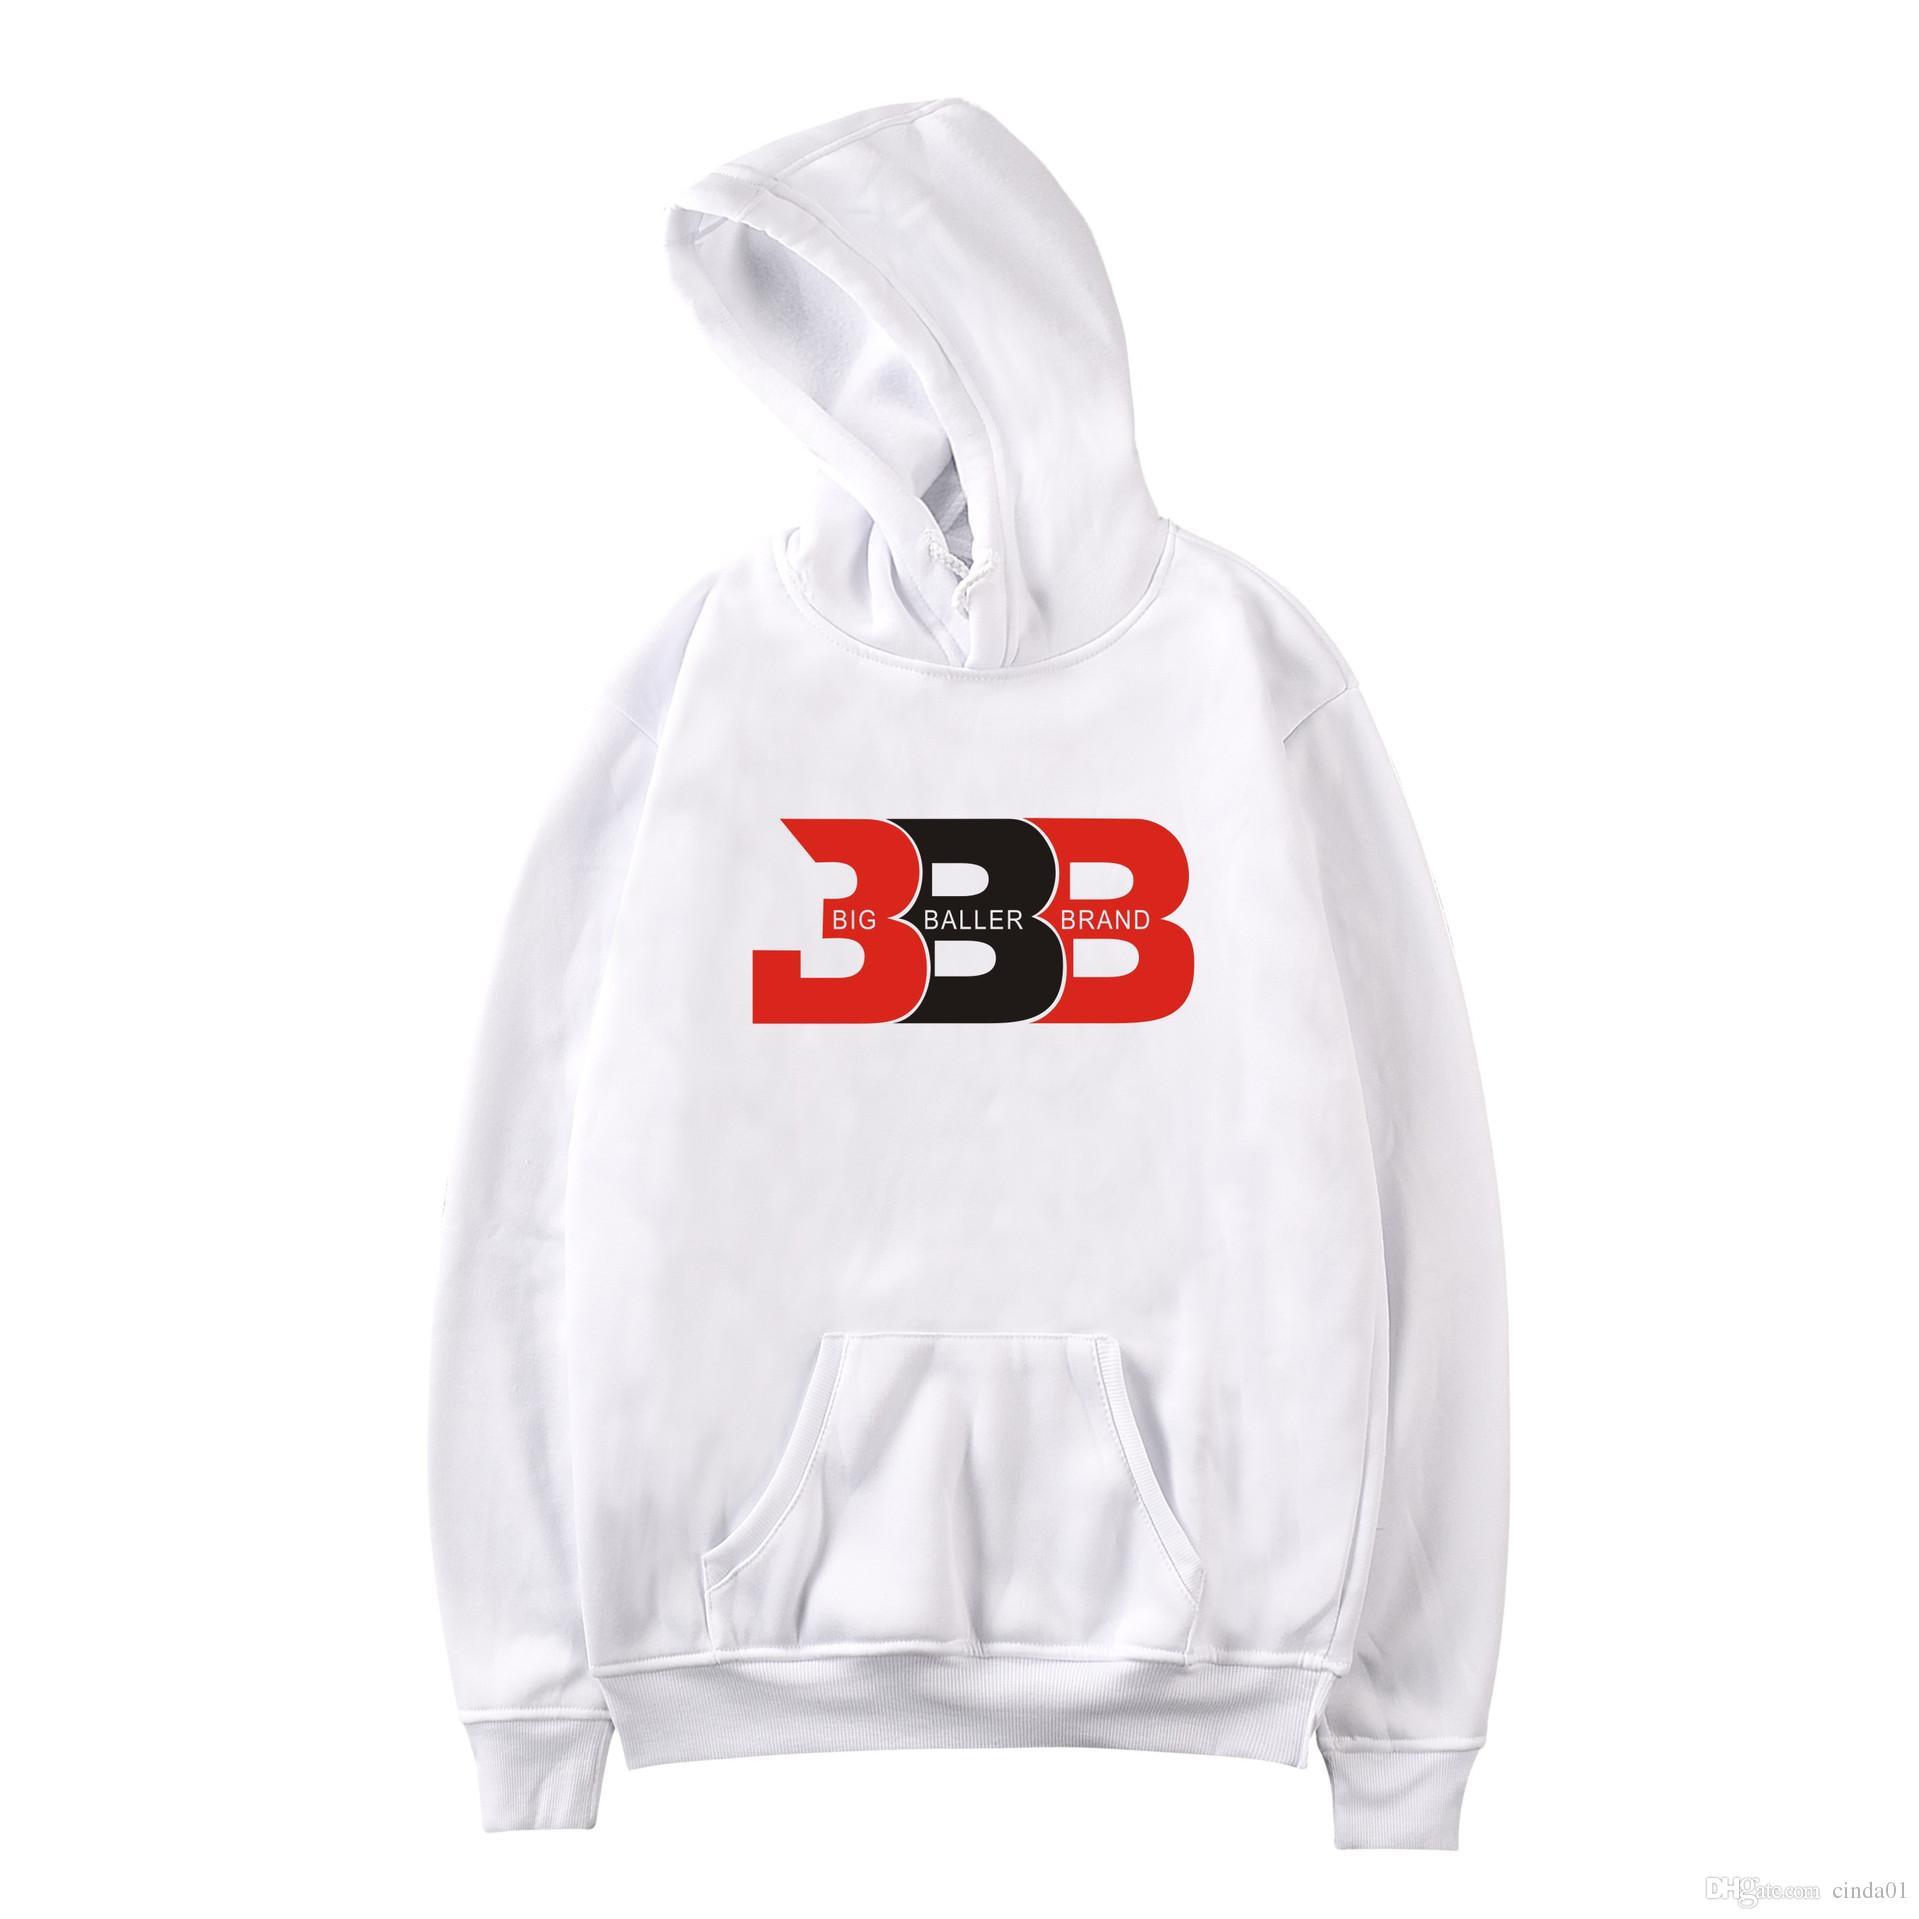 BBB Letras Impressas Das Mulheres Dos Homens Casual High Street Hoodies Masculino Feminino Pullover Hip Hop Moletom Com Capuz